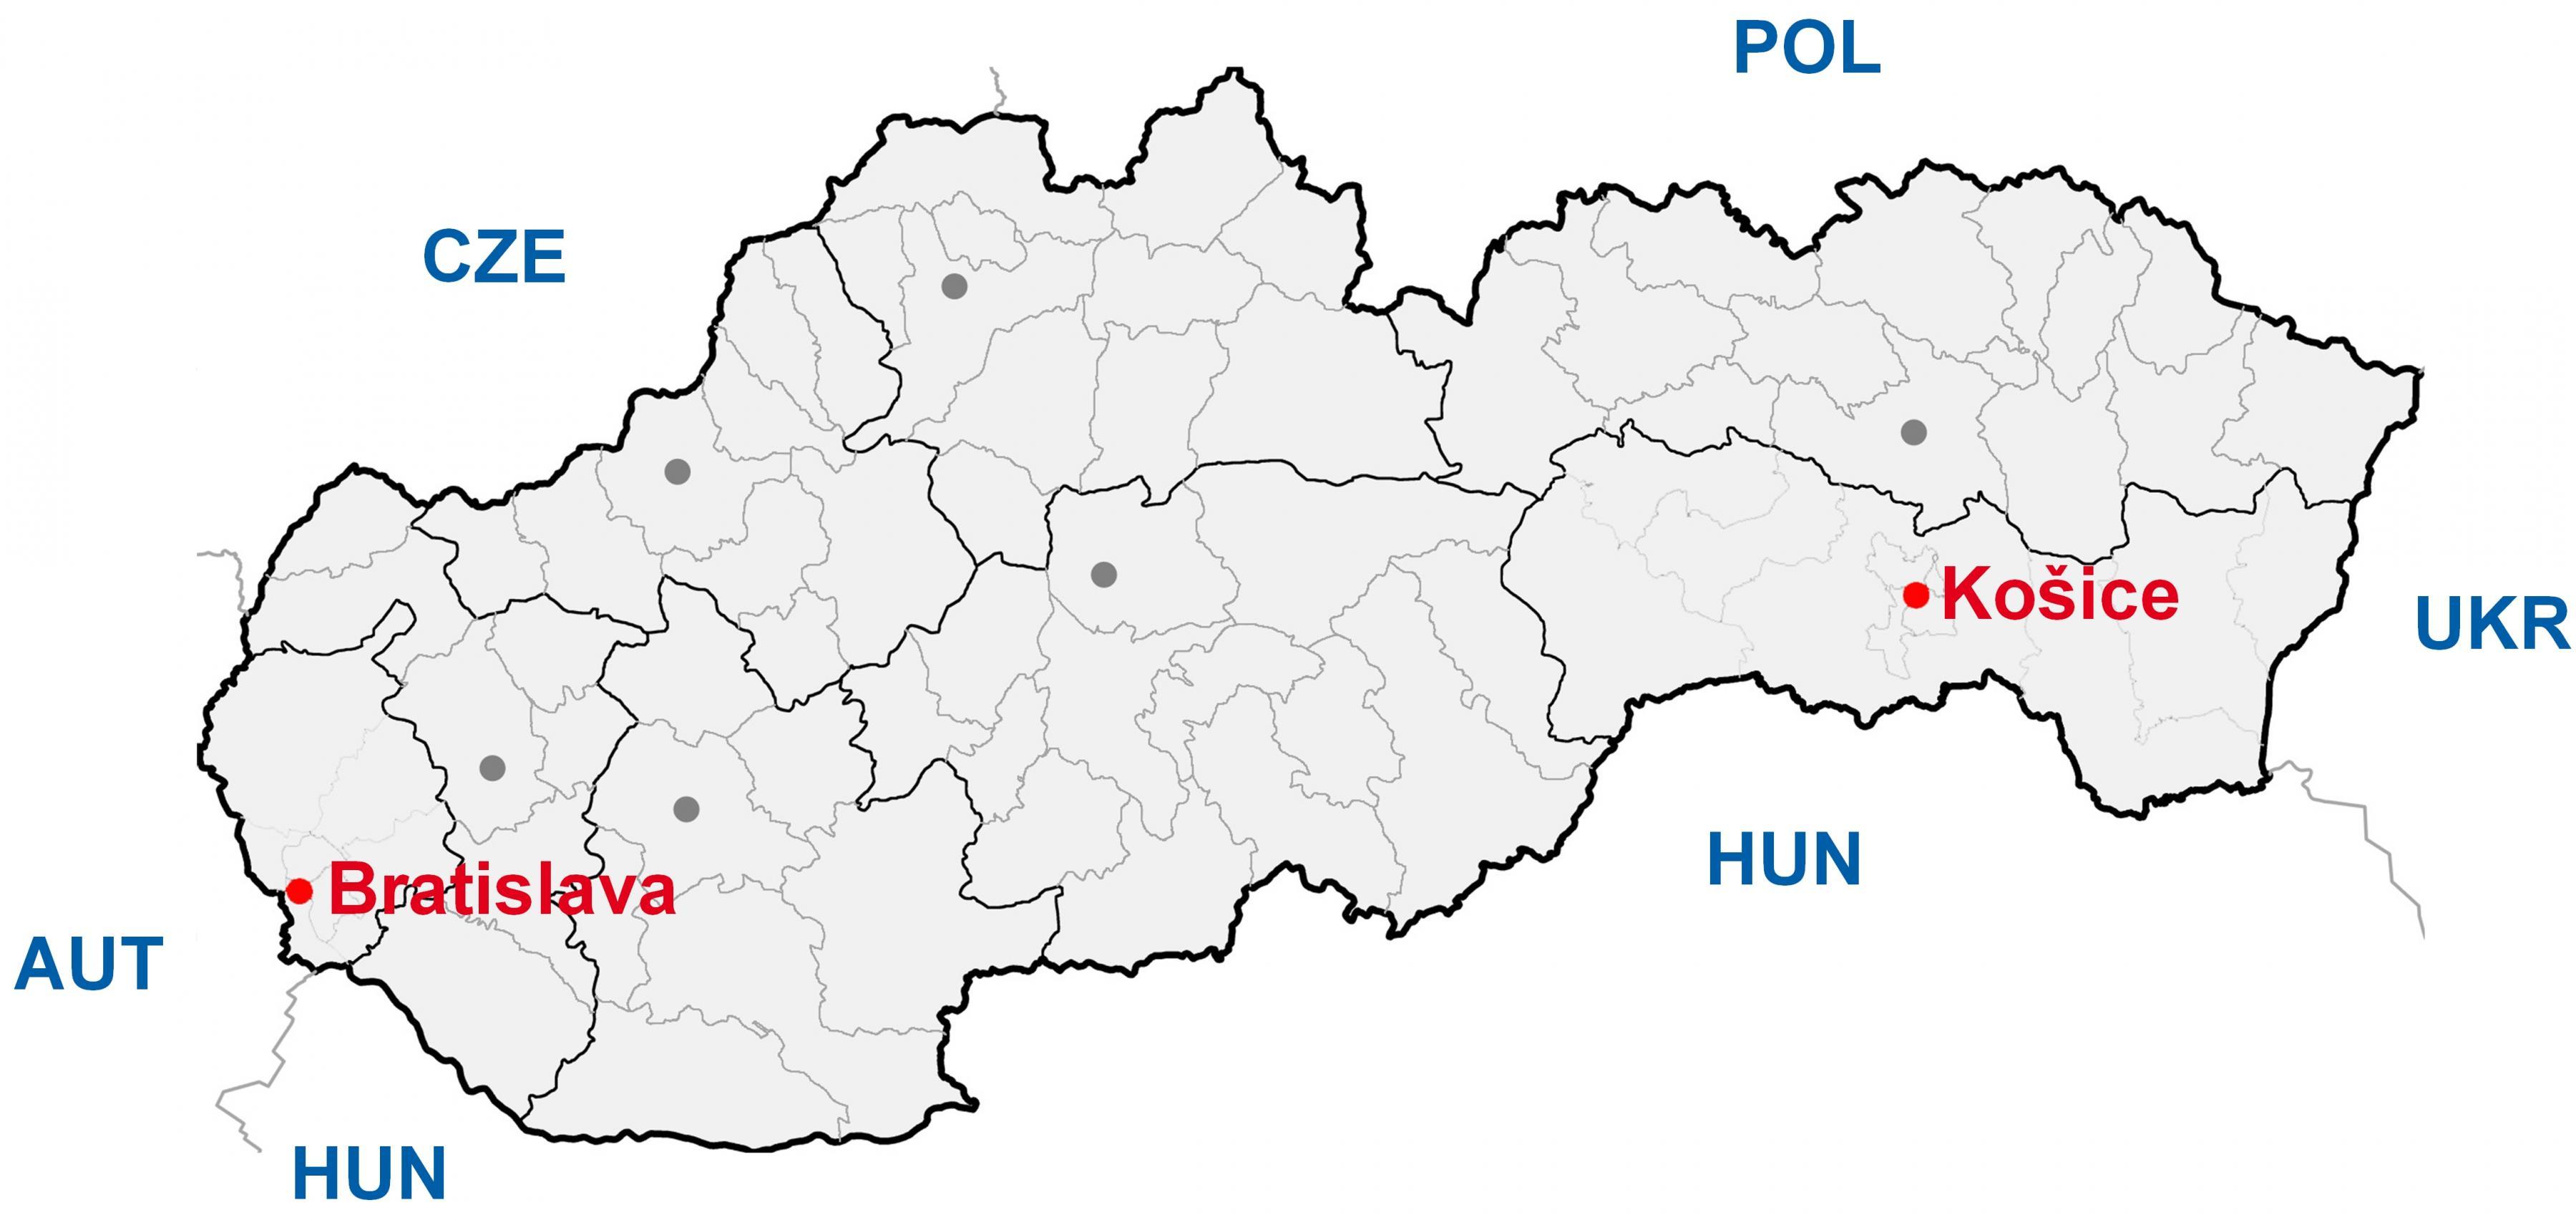 mapa slovačke Kosice Slovačke mapu   Mapa kosice Slovačke (Istočne Evrope   Evropi) mapa slovačke